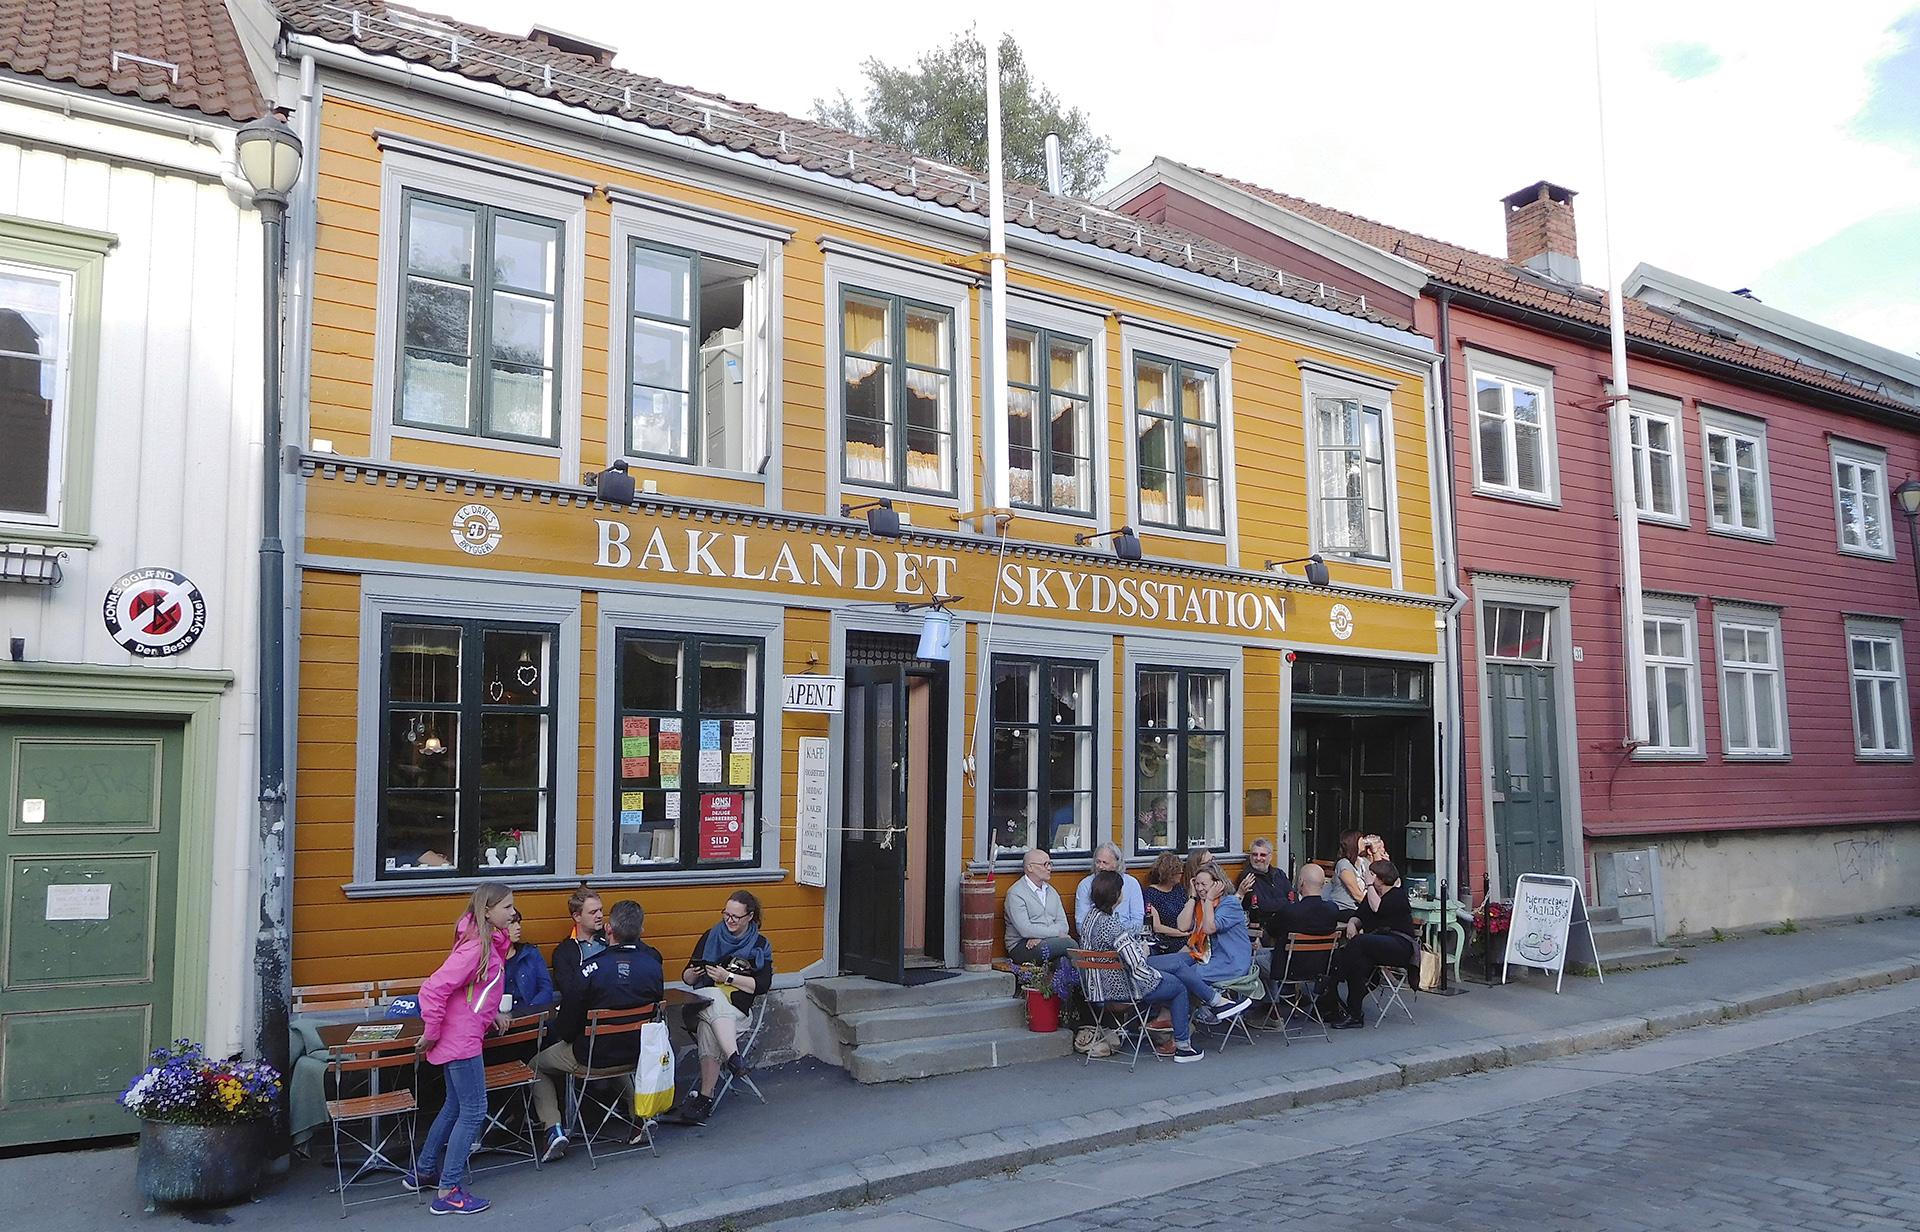 Bilde av et levende bymiljø på Bakklandet i Trondheim. Foto: Leidulf Mydland, Riksantikvaren